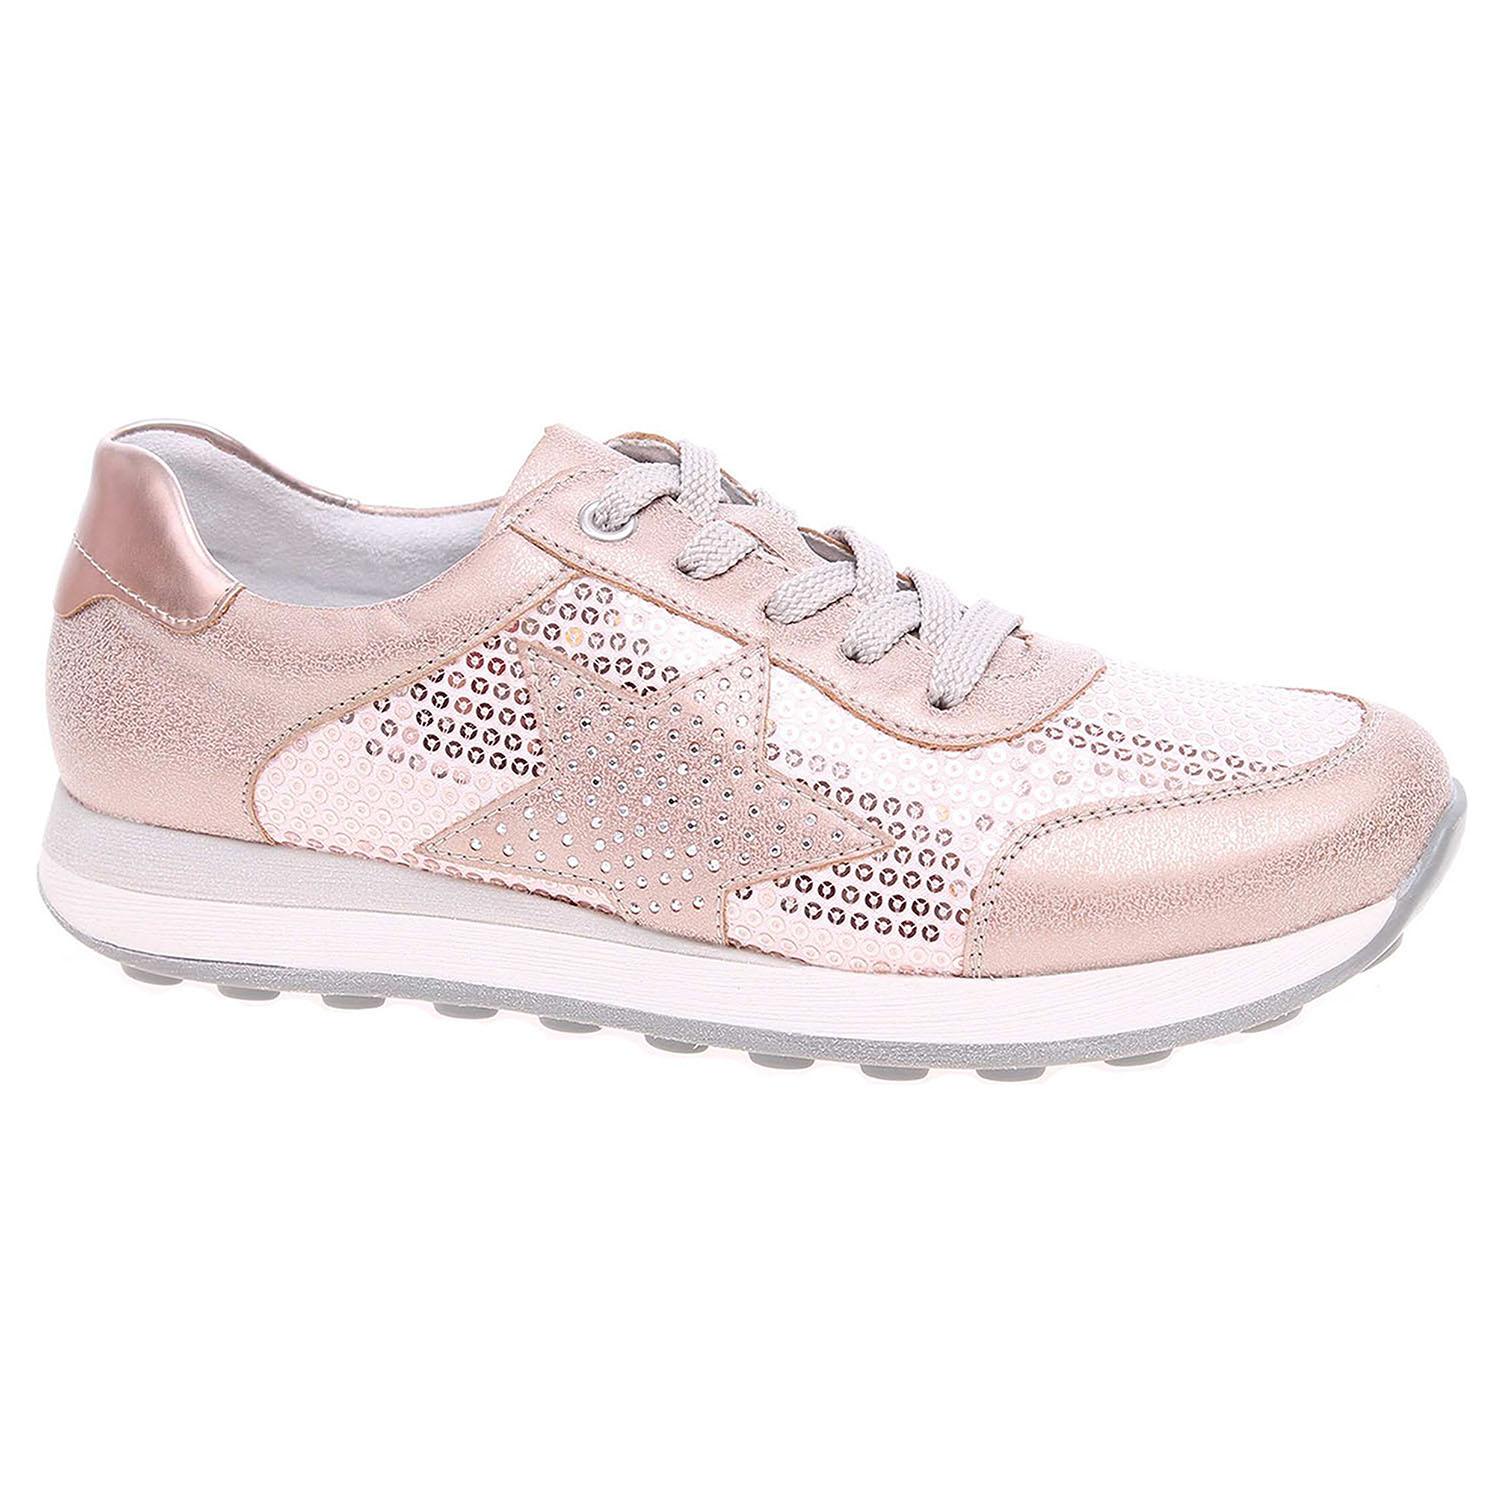 Dívčí vycházková obuv Rieker K2802-31 růžové 33